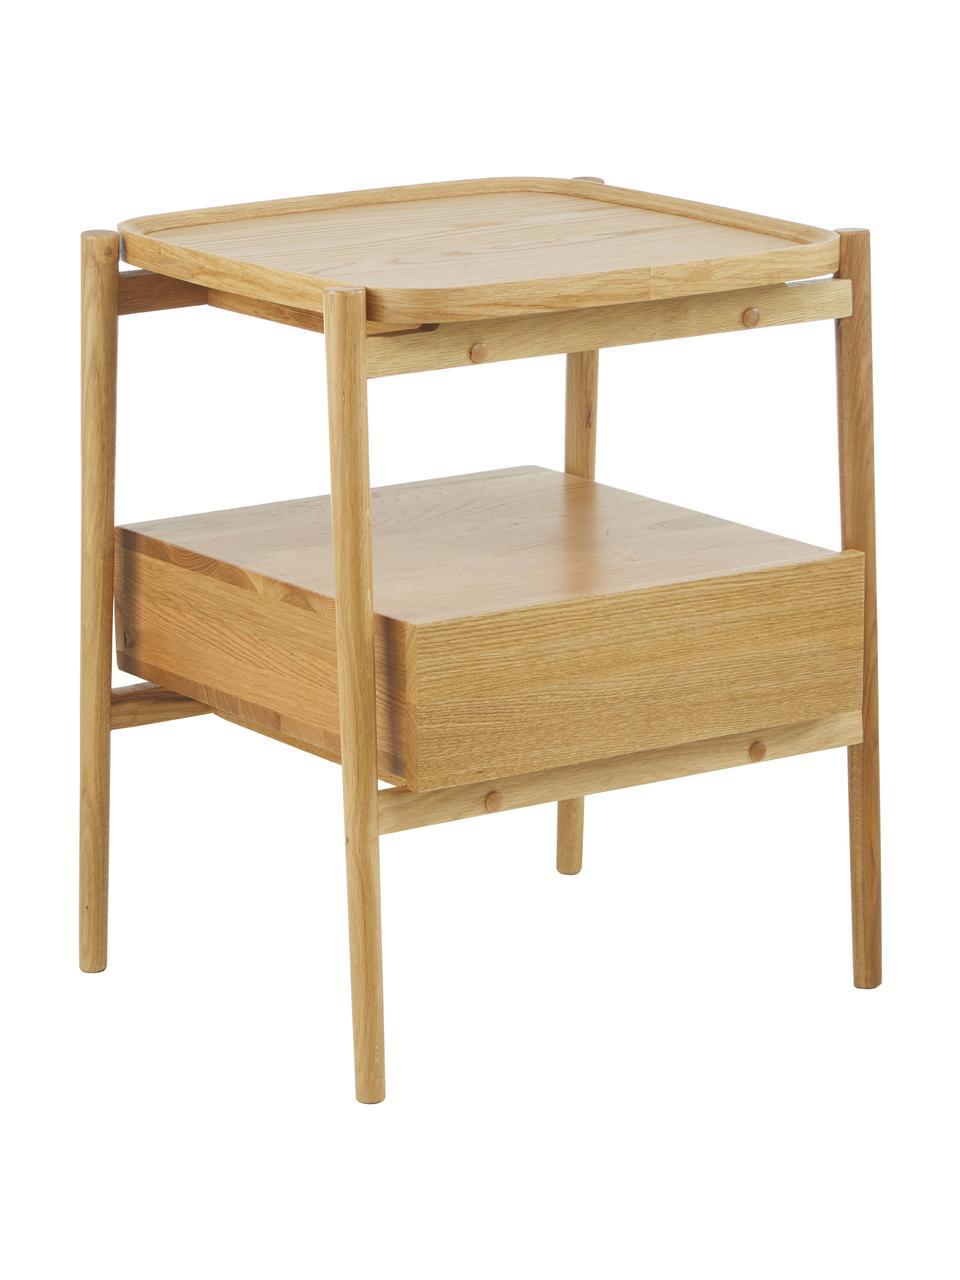 Nachttisch Libby mit Schublade aus Eichenholz, Ablagefläche: Mitteldichte Holzfaserpla, Eichenholz, 49 x 60 cm